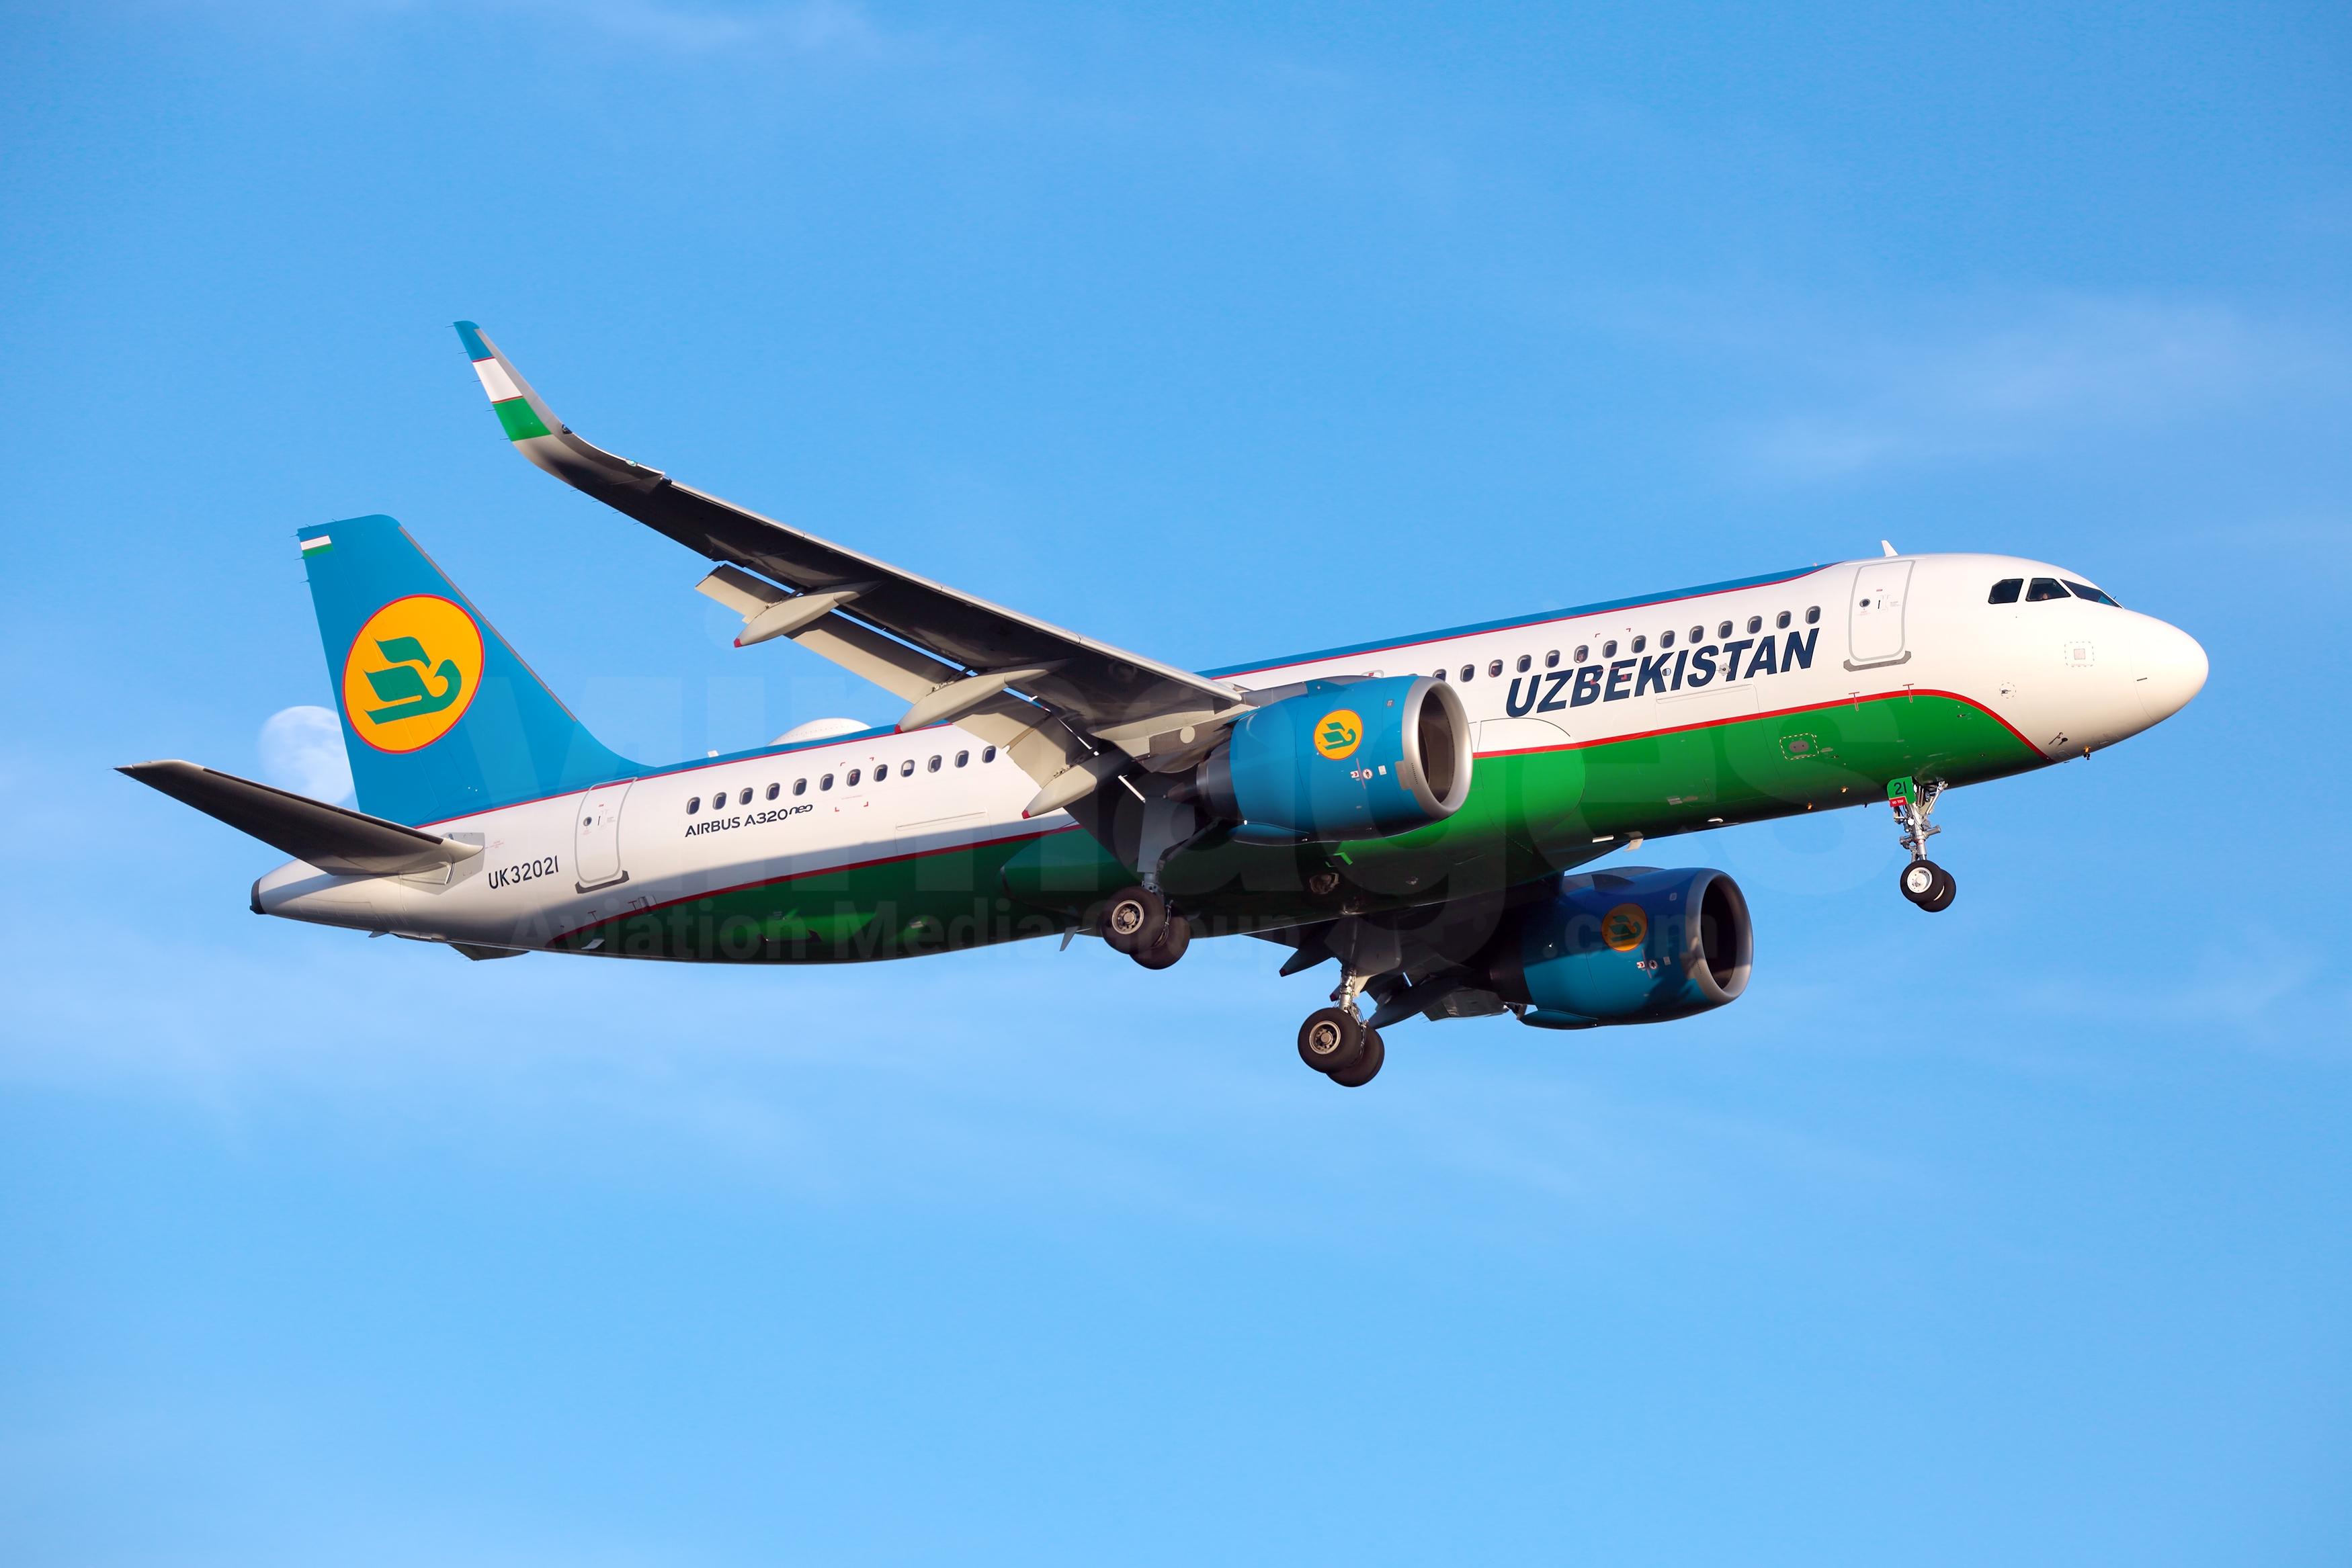 Resultado de imagen para UZBEKISTAN AIRWAYS a320NEO